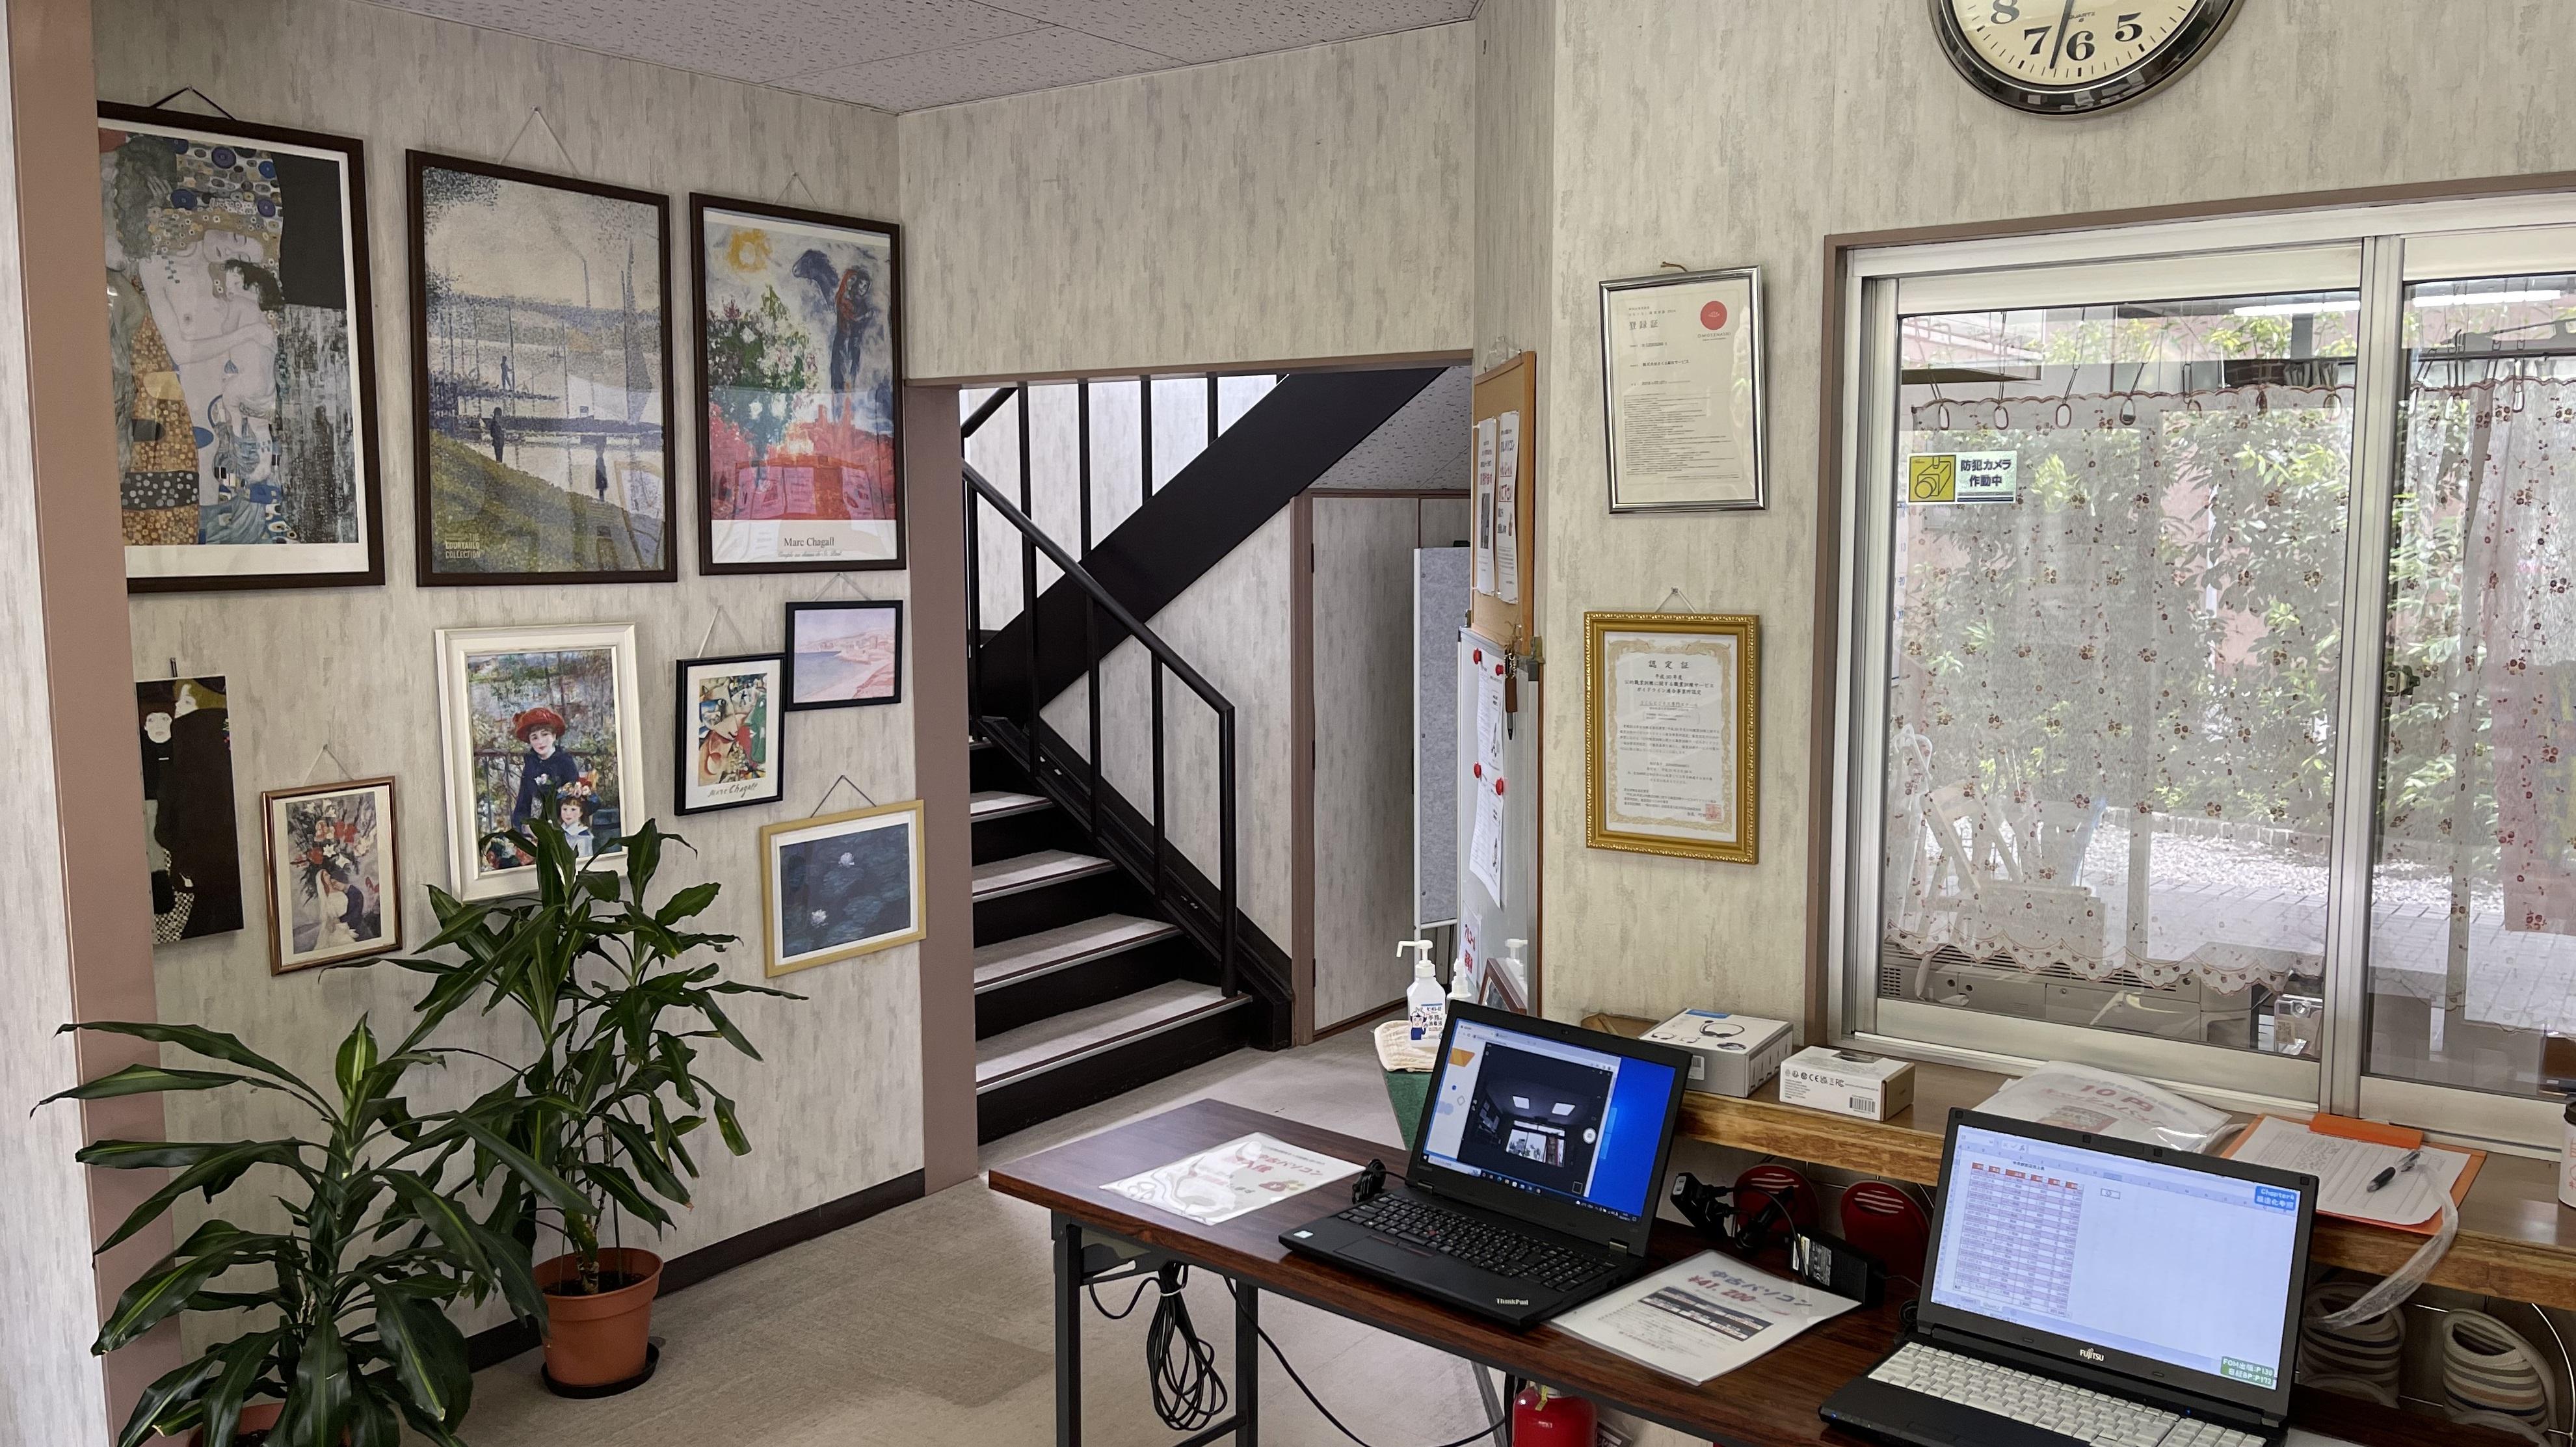 パソコン 教室 ハローワーク 【授業料無料】ハローワーク沖縄県のパソコン教室・資格スクール情報